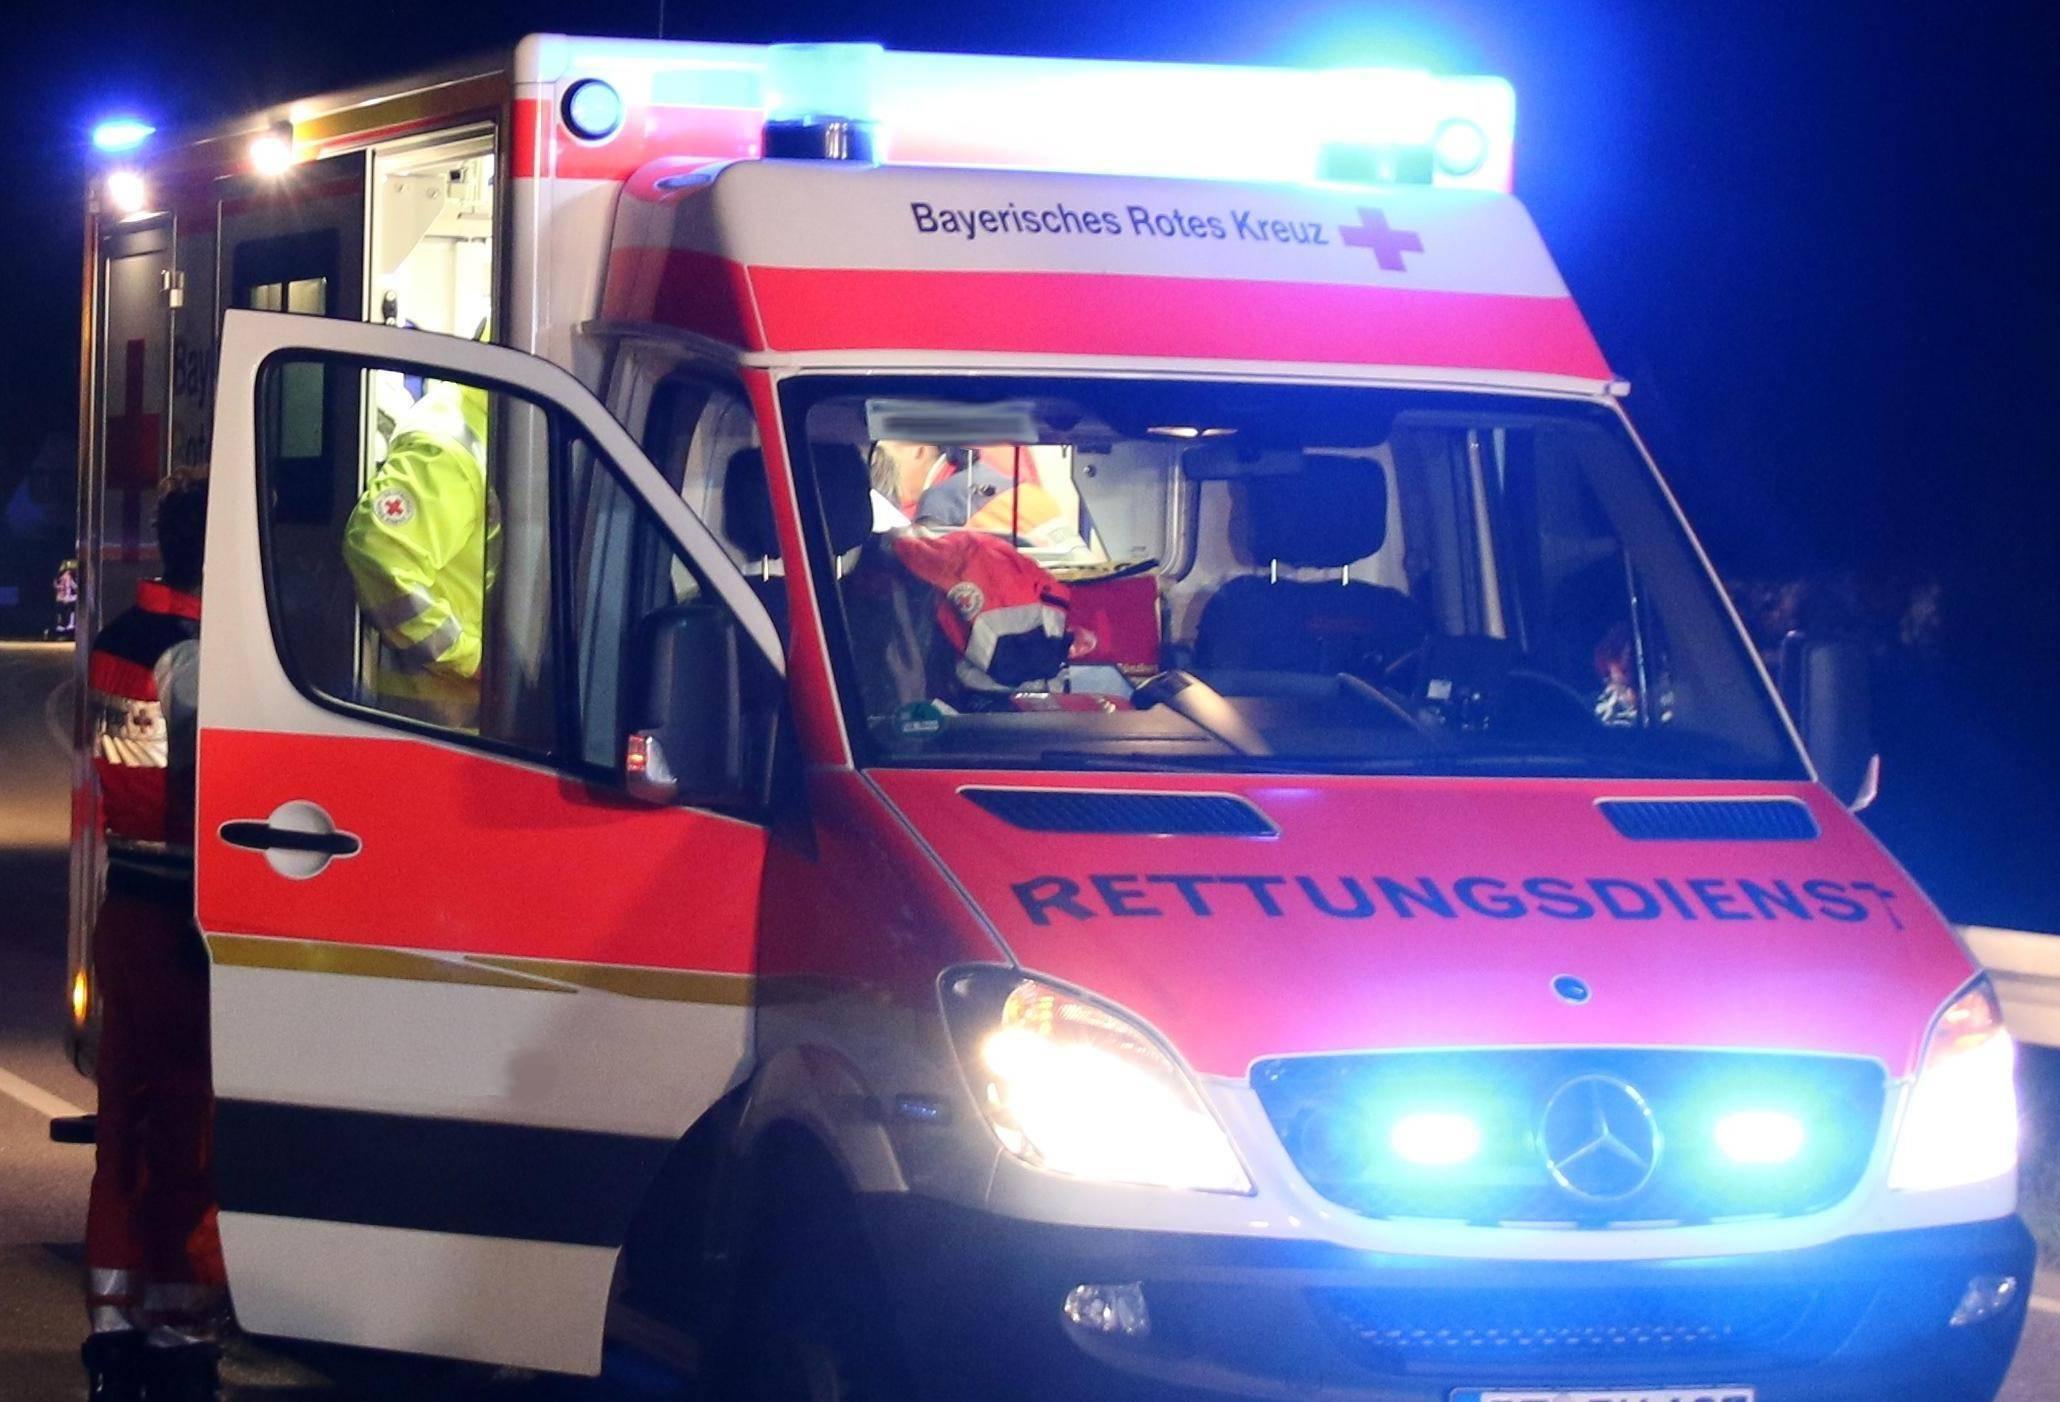 Rettungswagen, Bsaktuell, bayerisch Schwaben